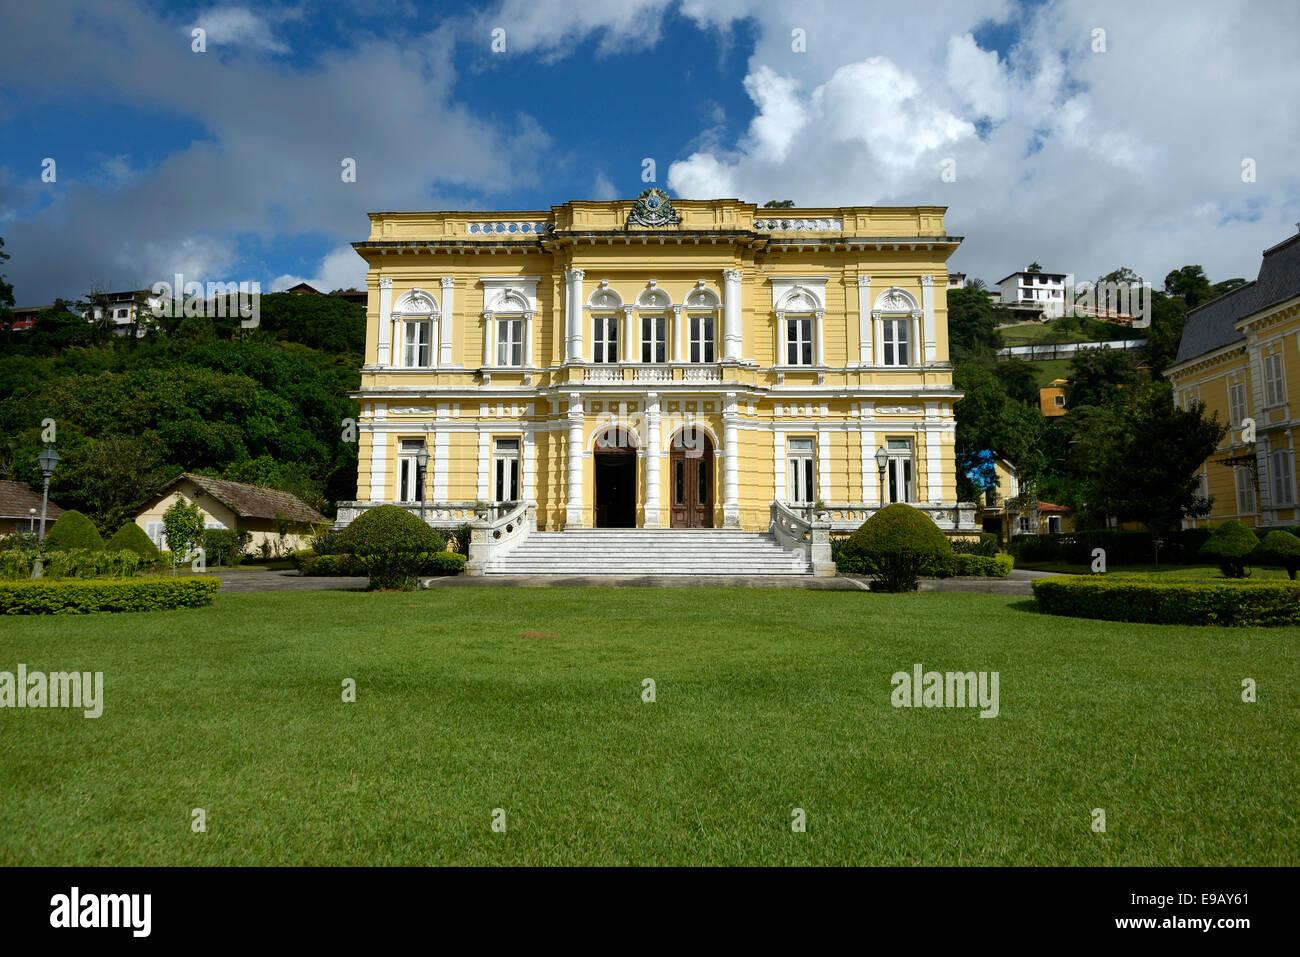 Historic villa, Palácio Rio Negro, Avenida Koeler, Petropolis, Rio de Janeiro, Brazil - Stock Image